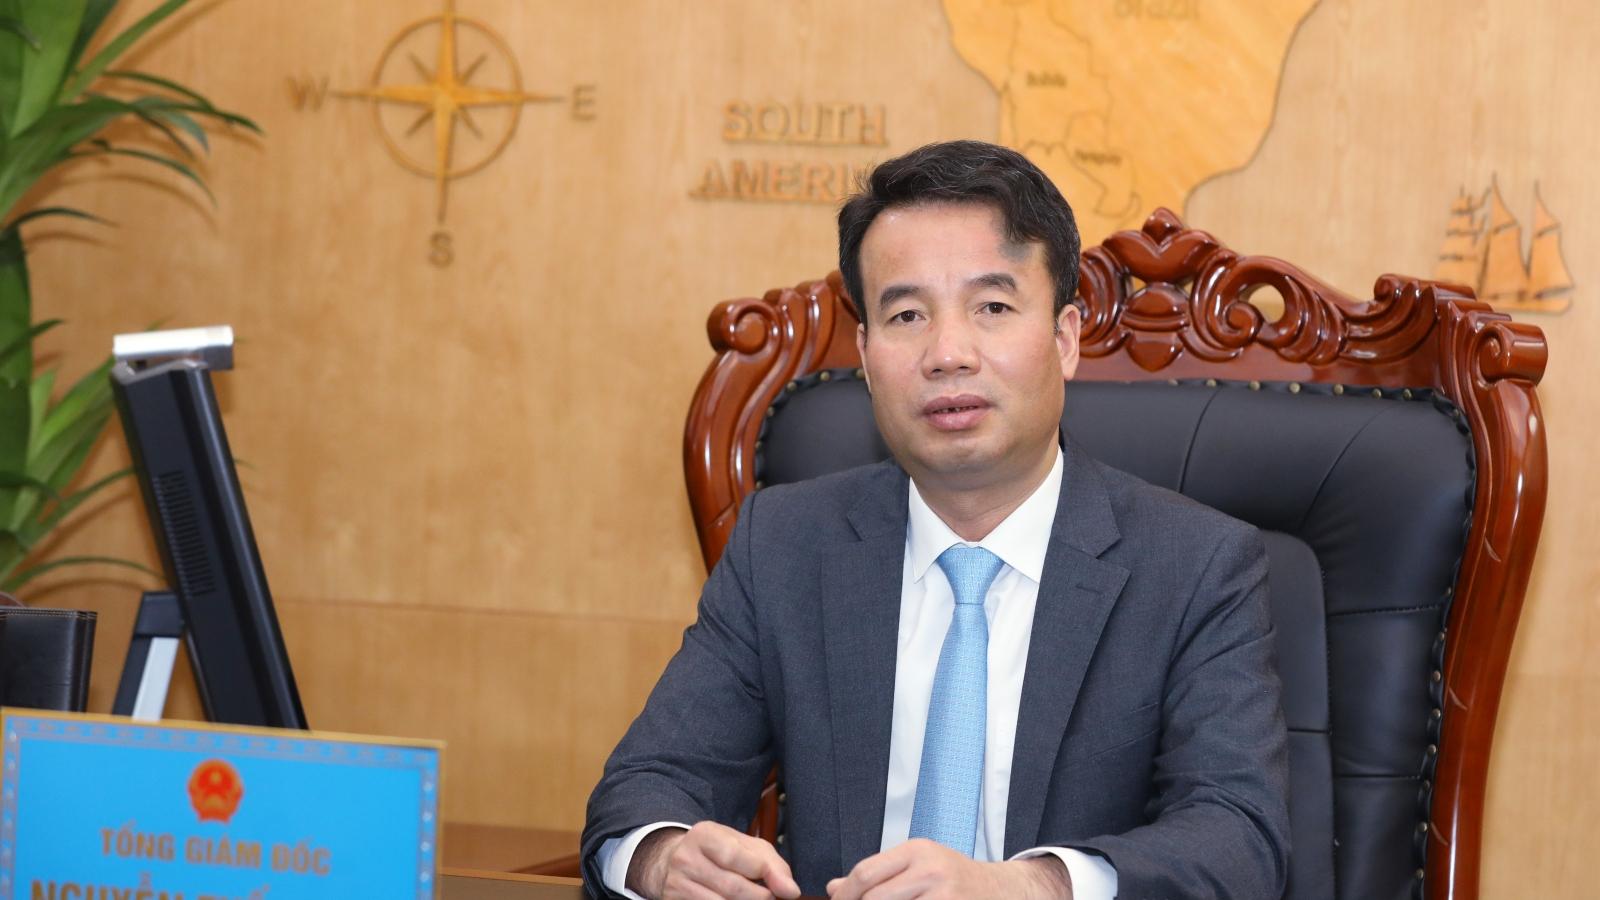 Thủ tướng bổ nhiệm Chủ tịch và Phó Chủ tịch thường trực Hội đồng quản lý BHXH Việt Nam